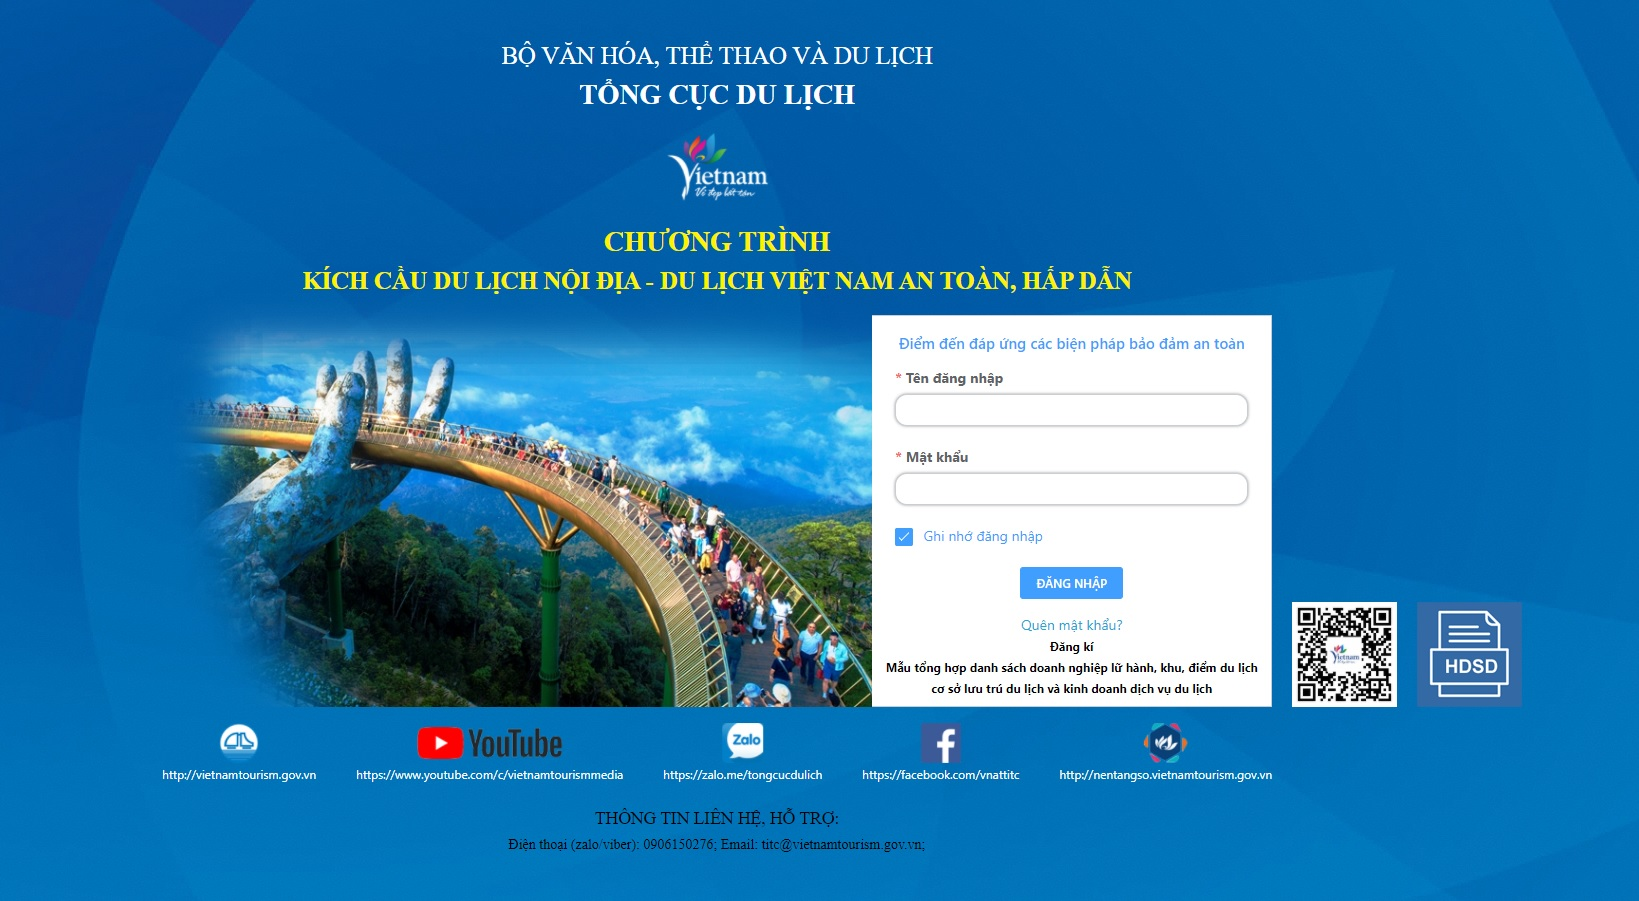 Hướng dẫn đăng ký và tự đánh giá an toàn COVID-19 trên website http://safe.tourism.com.vn